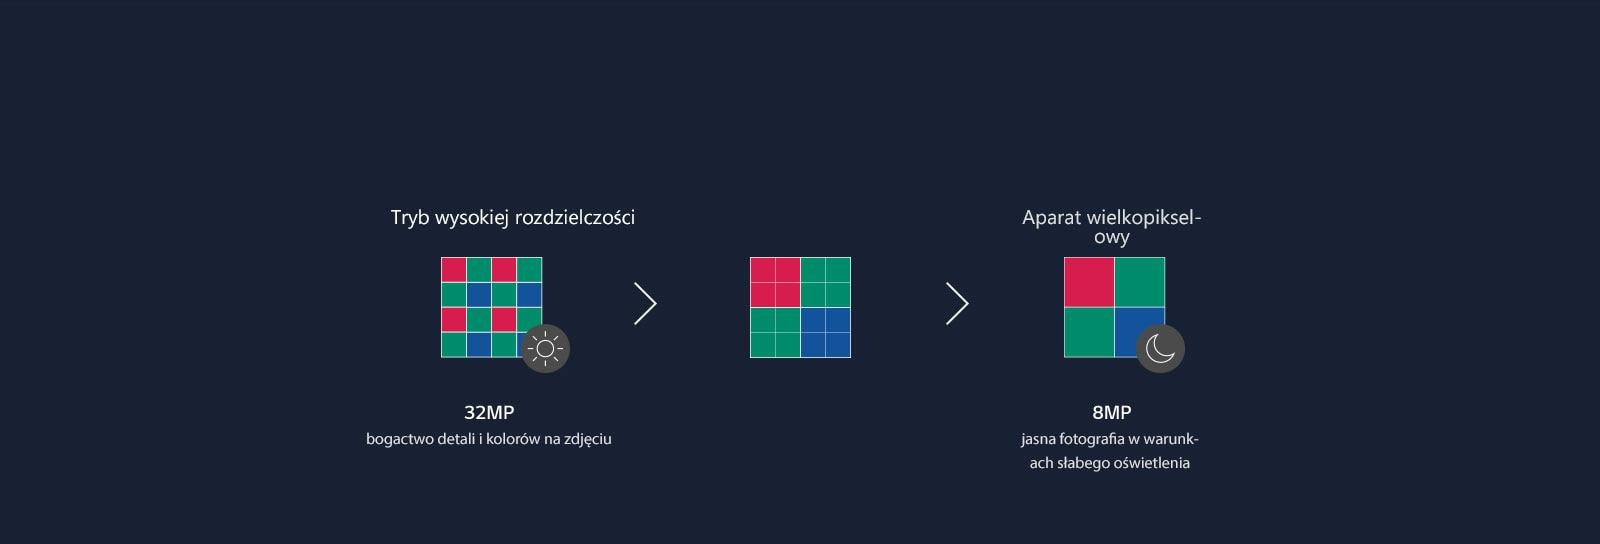 Wykres przedstawiający etapy łączenia 16 pikseli aparatu w cztery